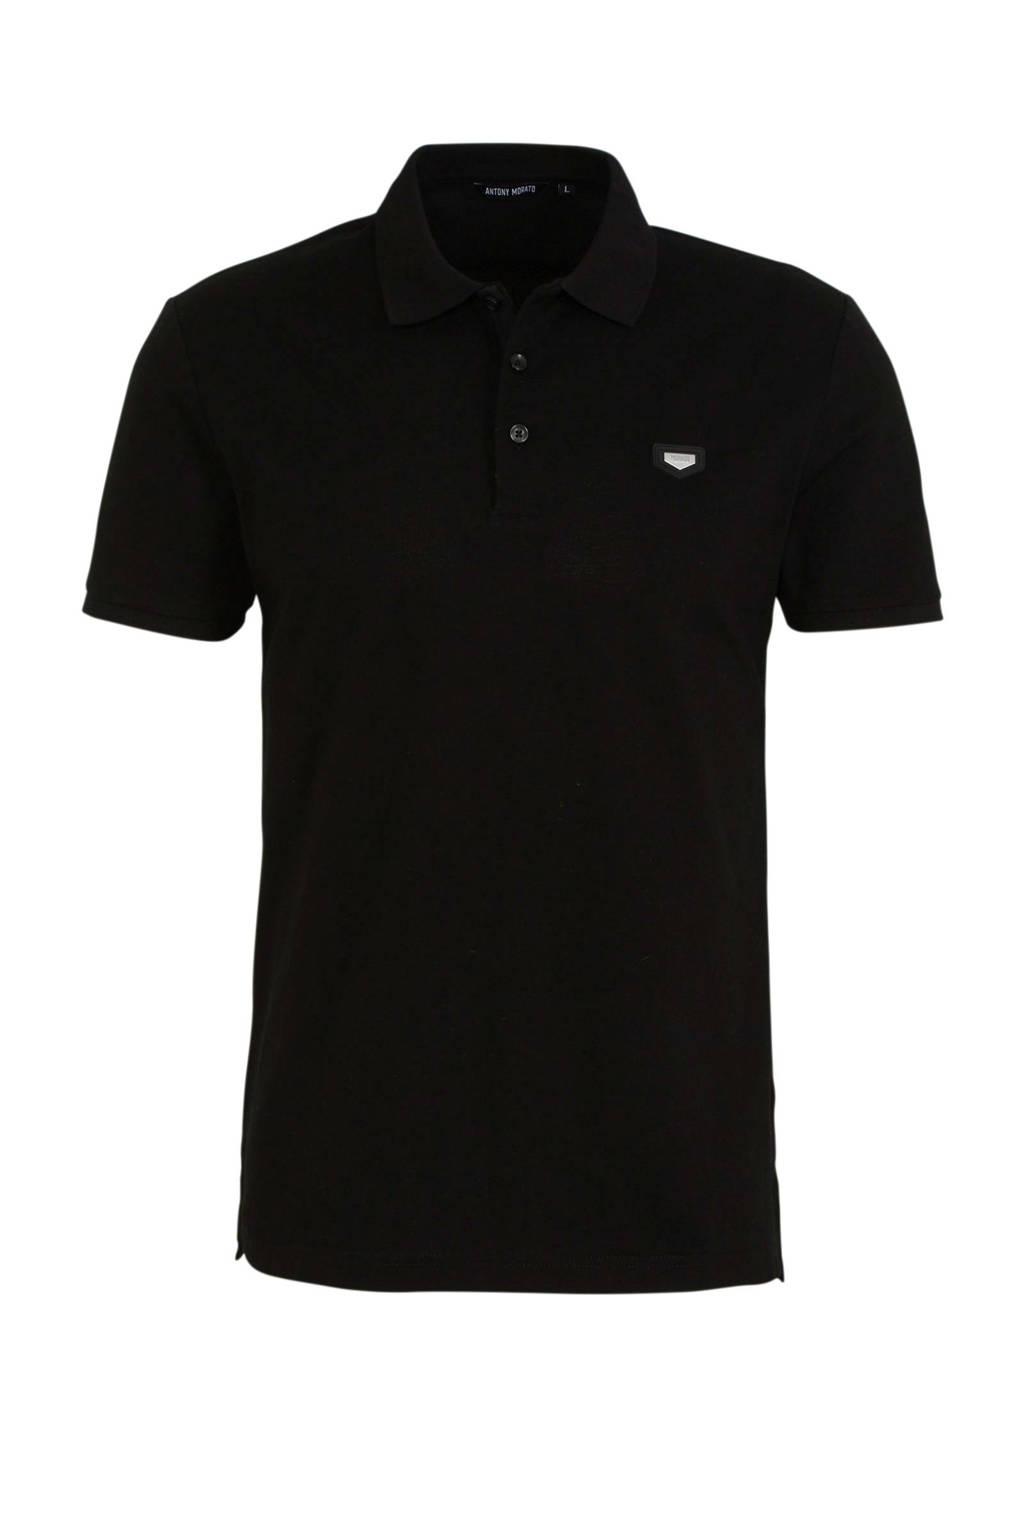 Antony Morato slim fit polo met logo zwart, Zwart